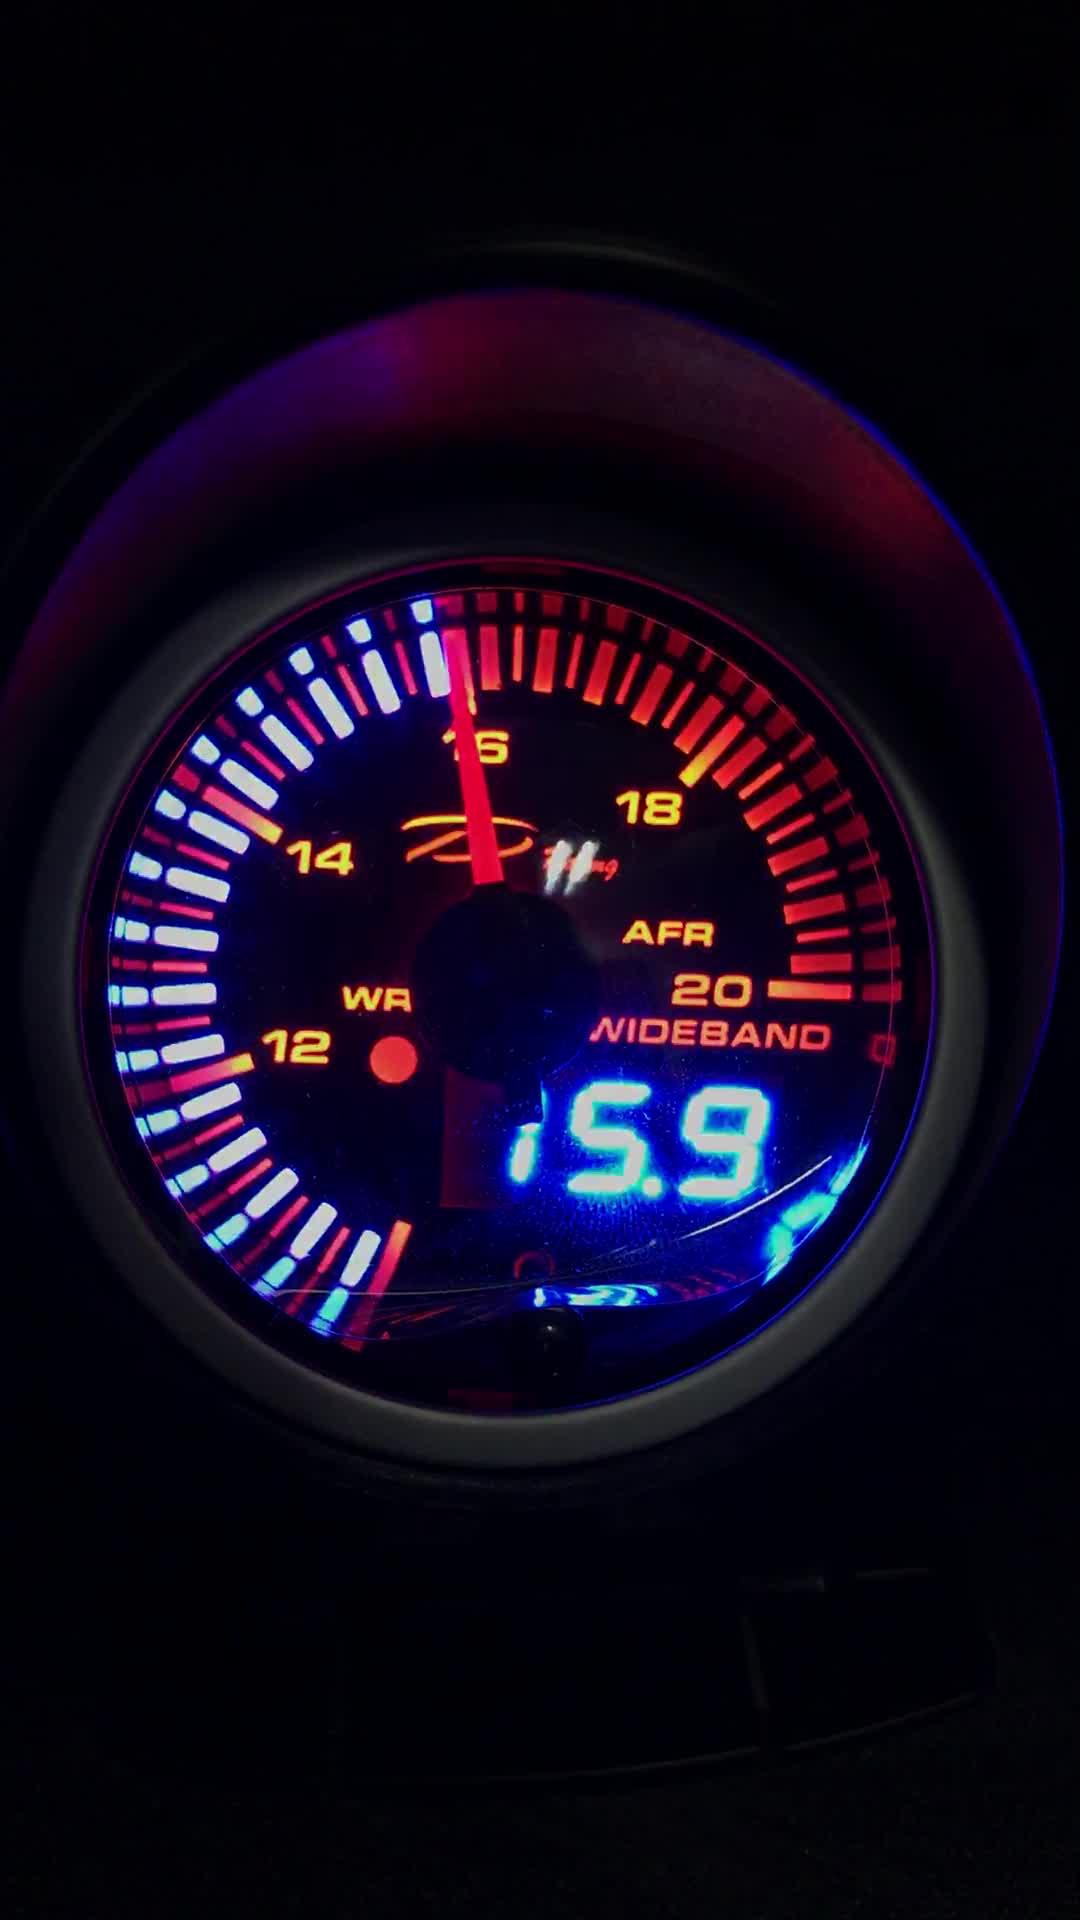 52mm Sld Water Temp Waterproof Stepper Motor Racing Auto Racing Depo Gauge  - Buy Temp Gague,Digital Waterproof Auto Gauges,Water Temp Gauge Product on